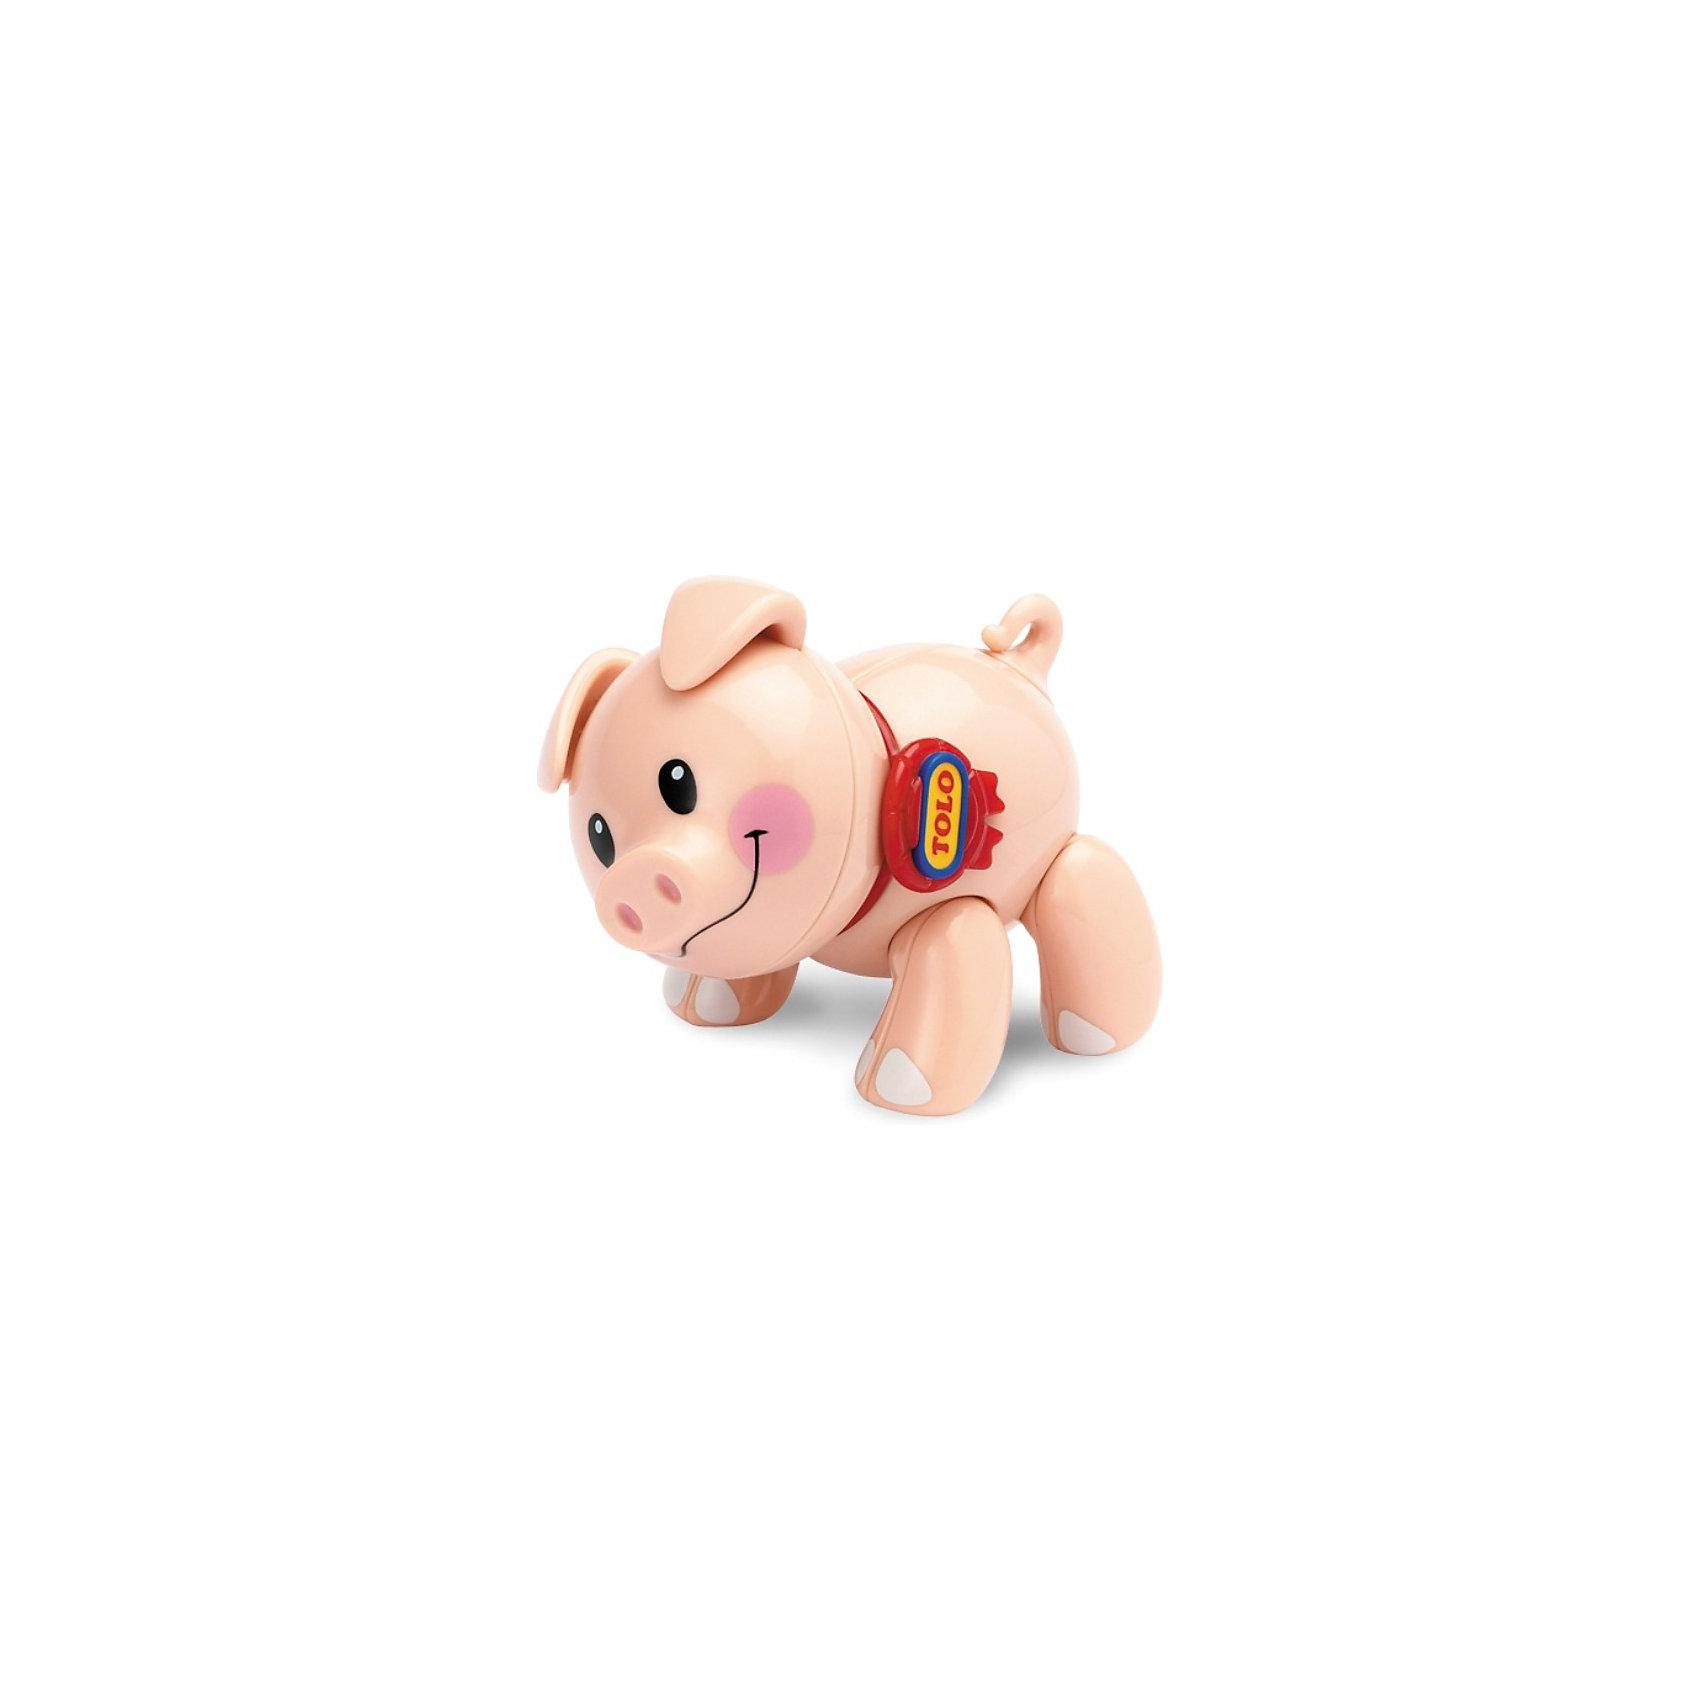 TOLO Фигурка Поросенок, Первые друзья, TOLO развивающие игрушки tolo toys белый мишка